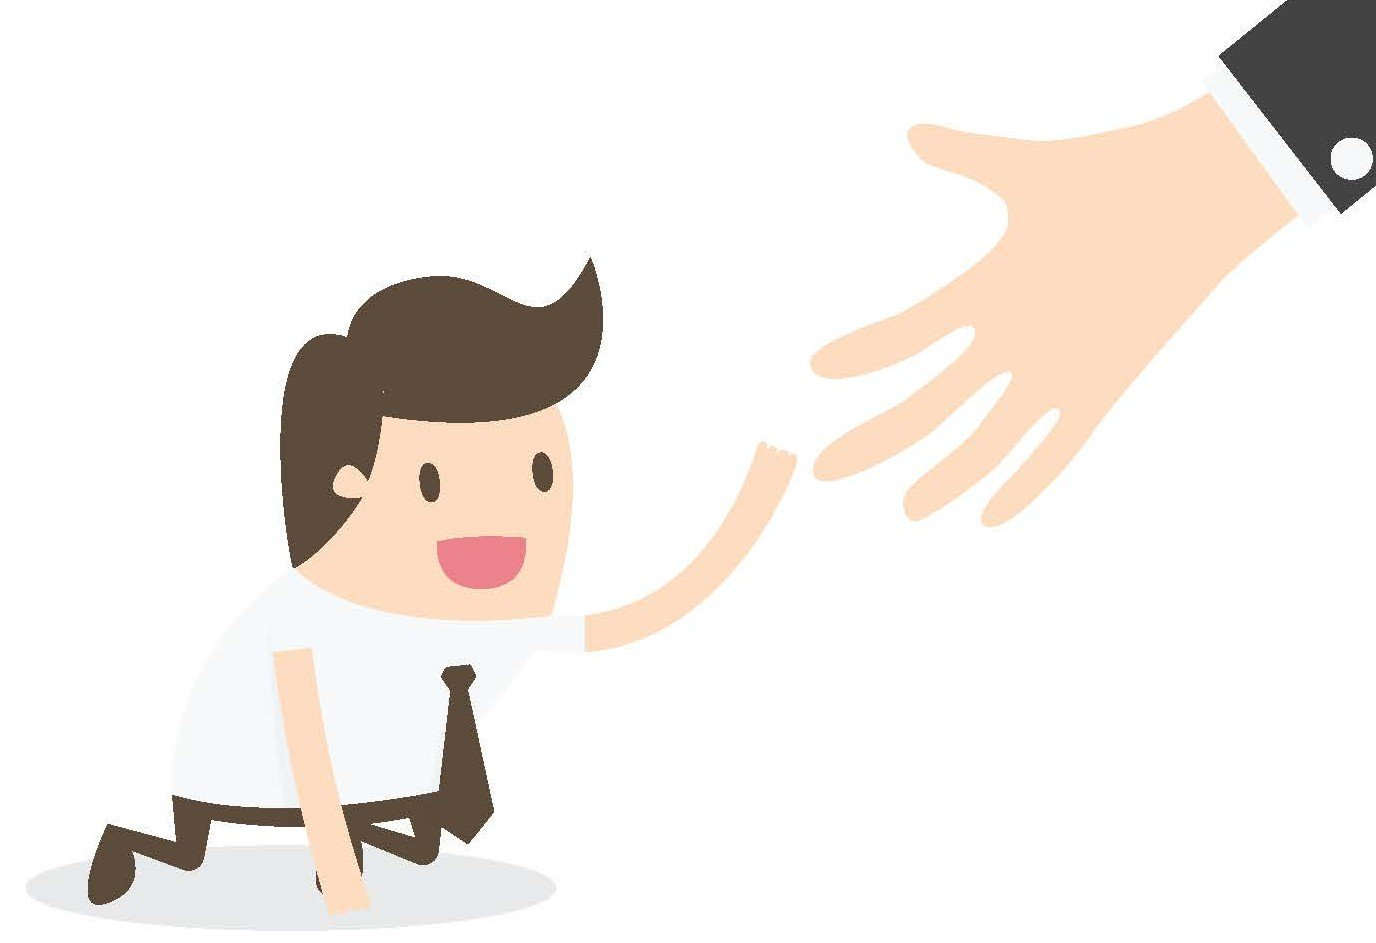 6-metricas-de-gestao-que-vao-te-ajudar